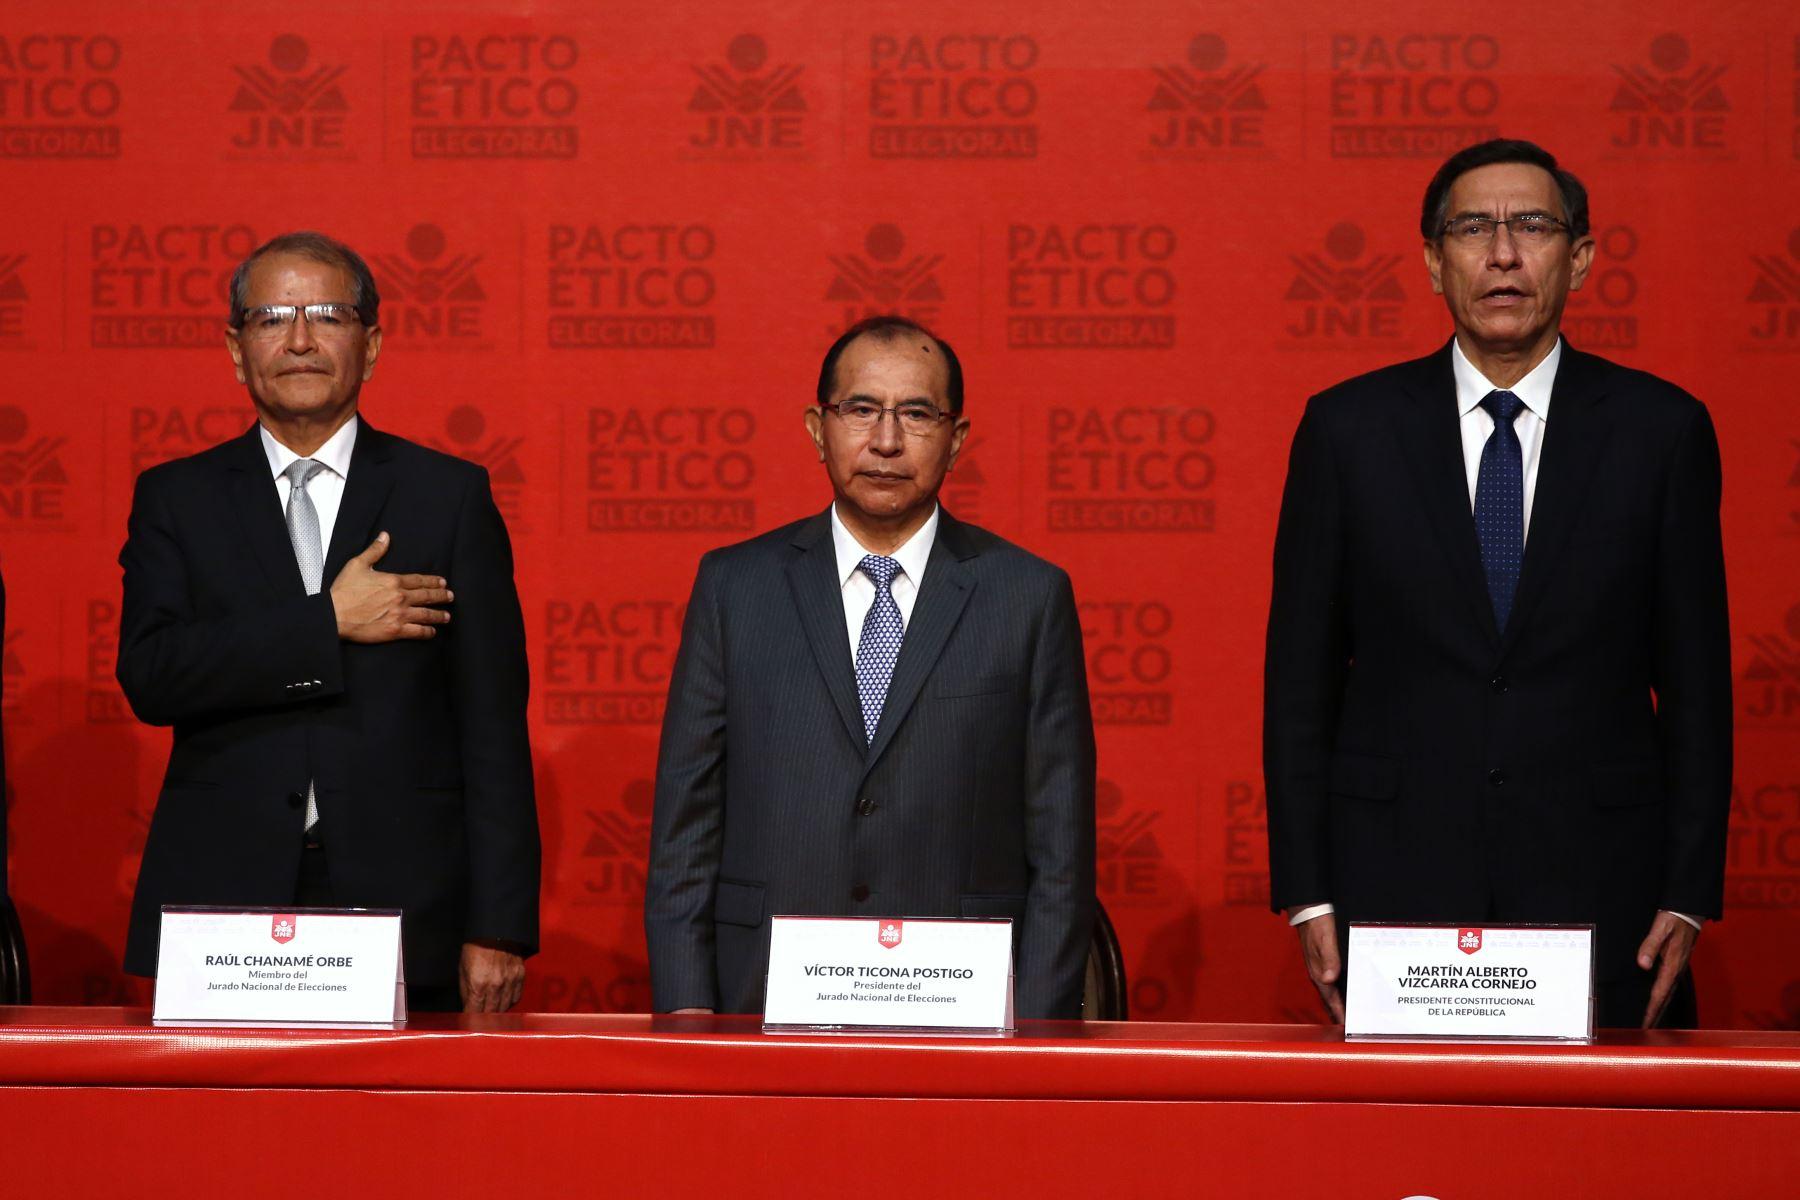 Presidente de la República Martín Vizcarra participa en firma del Pacto Ético Electoral. Foto: ANDINA/Vidal Tarqui